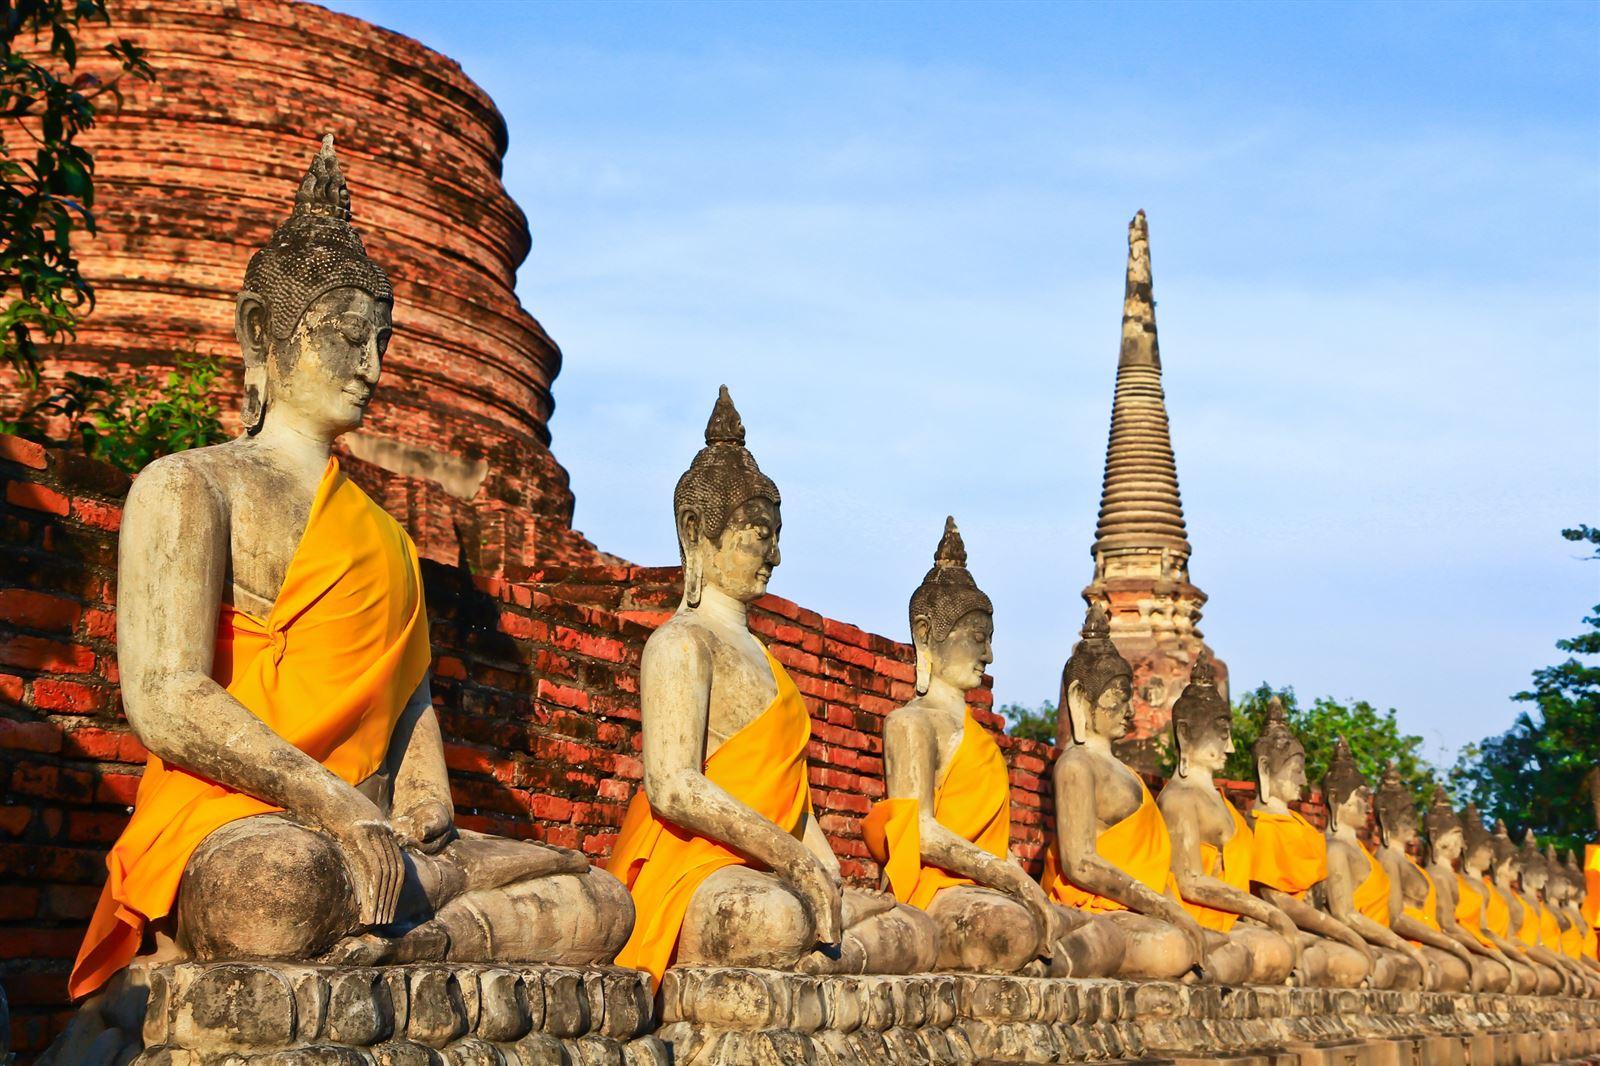 Luang Prabang - Court